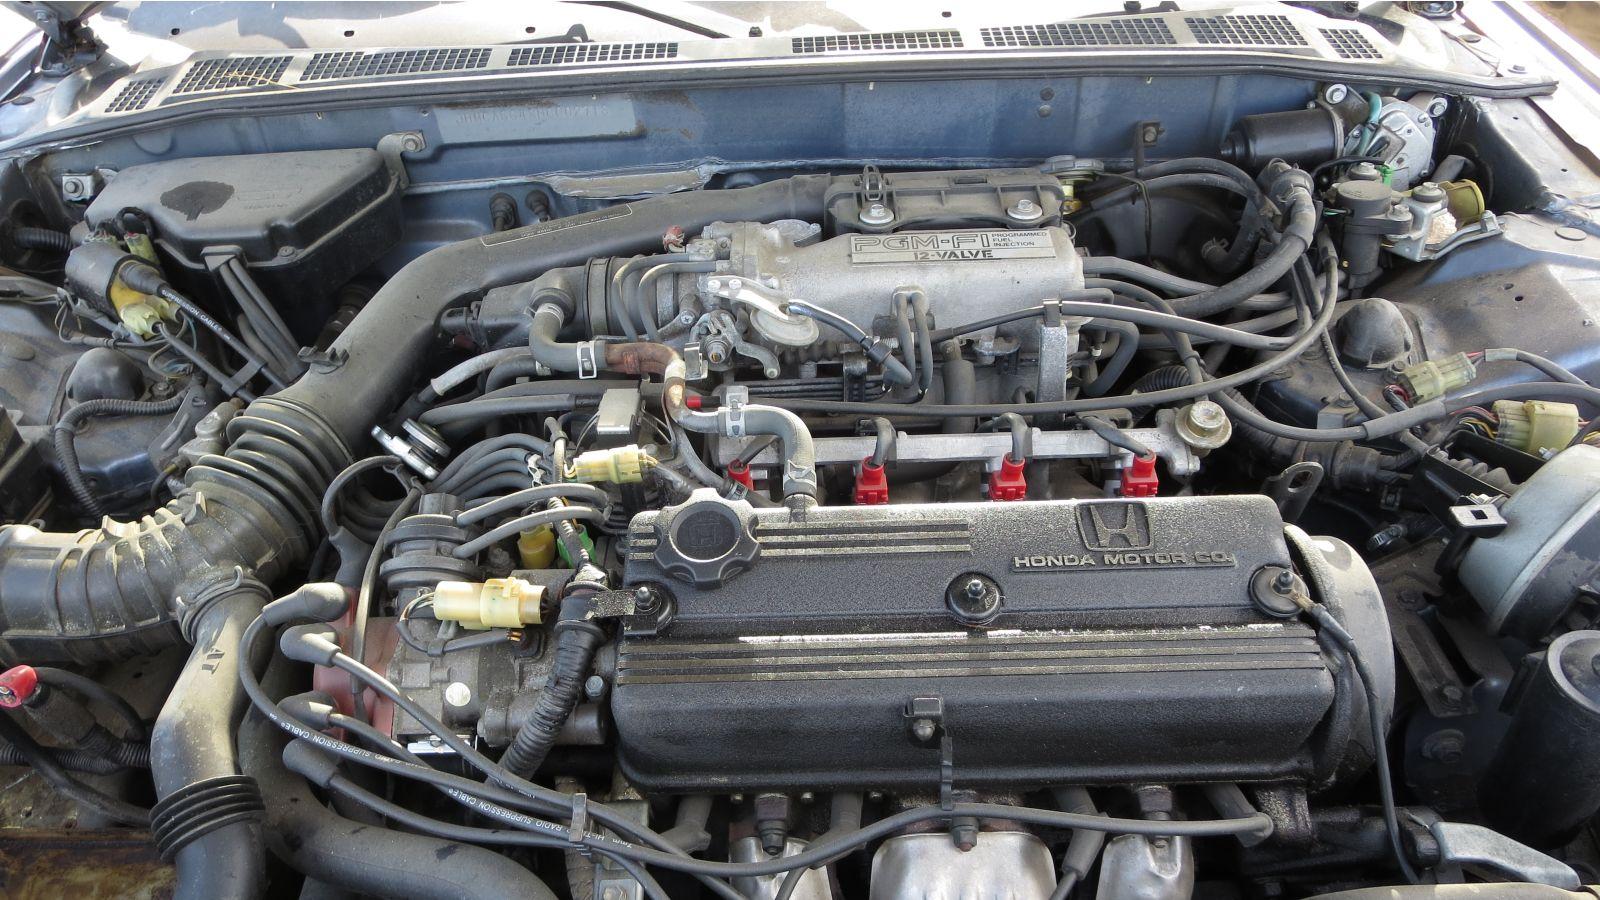 Kelebihan Kekurangan Honda Accord 1987 Top Model Tahun Ini